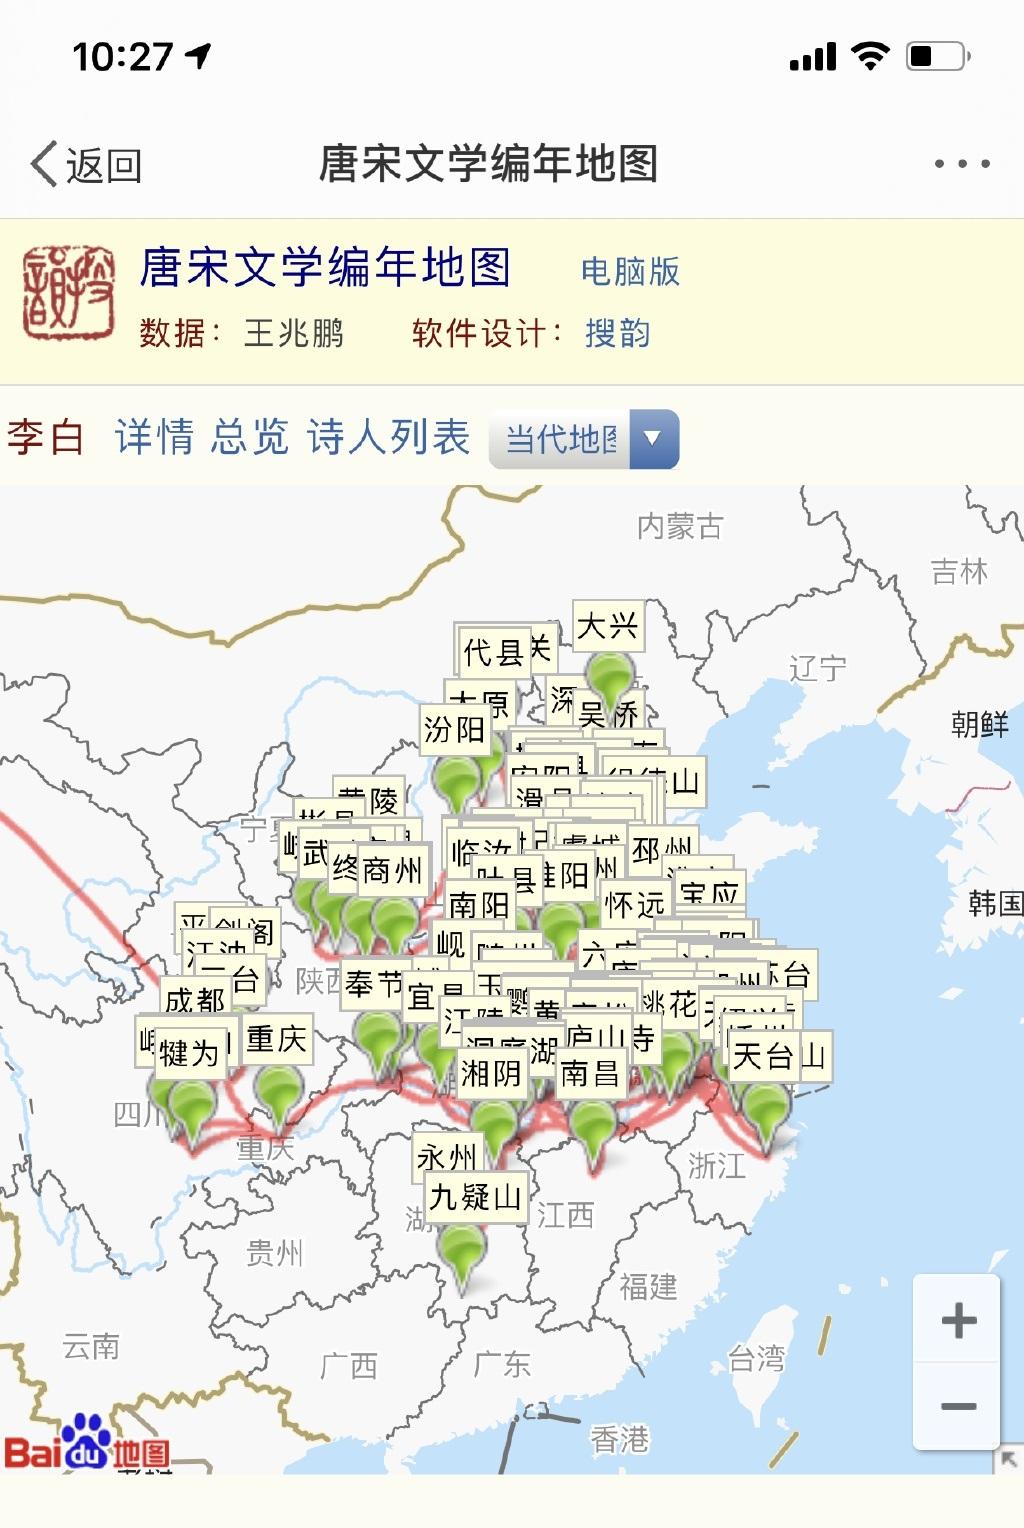 唐宋文学编年地图 李白好忙,怪不得打野这么厉害 涨姿势 第1张